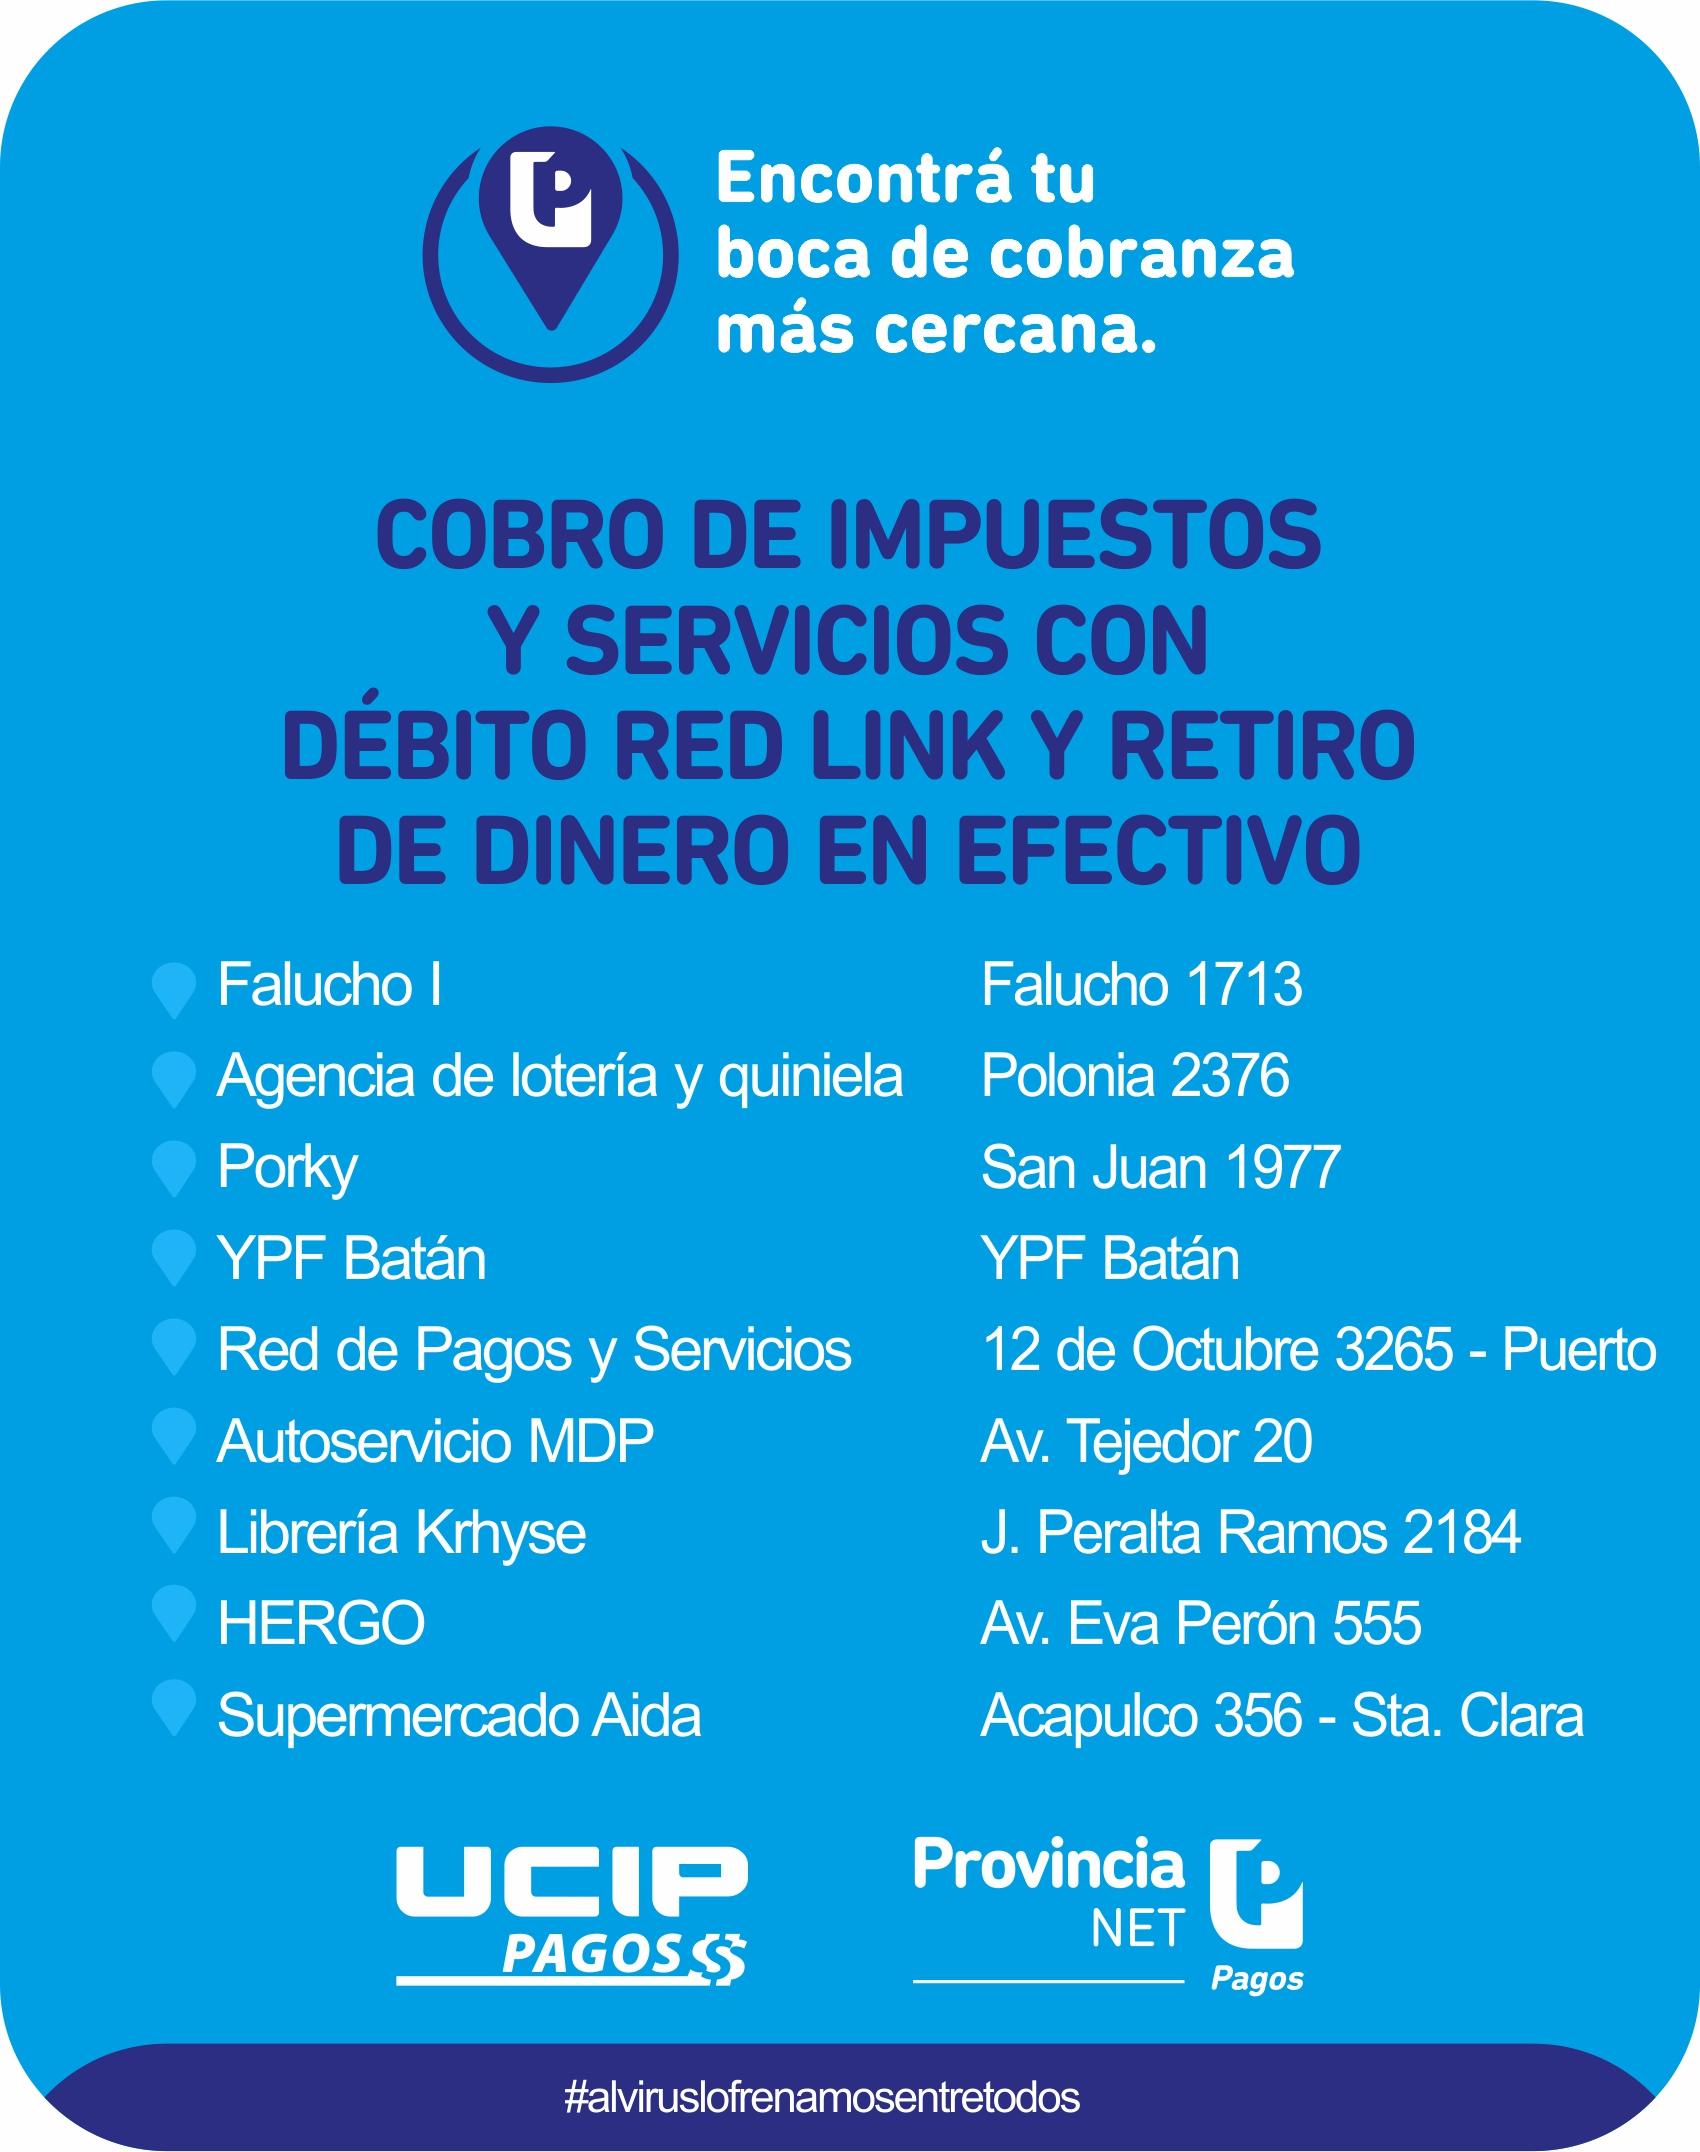 UCIP informa las bocas de cobranza habilitadas en varios puntos de la ciudad